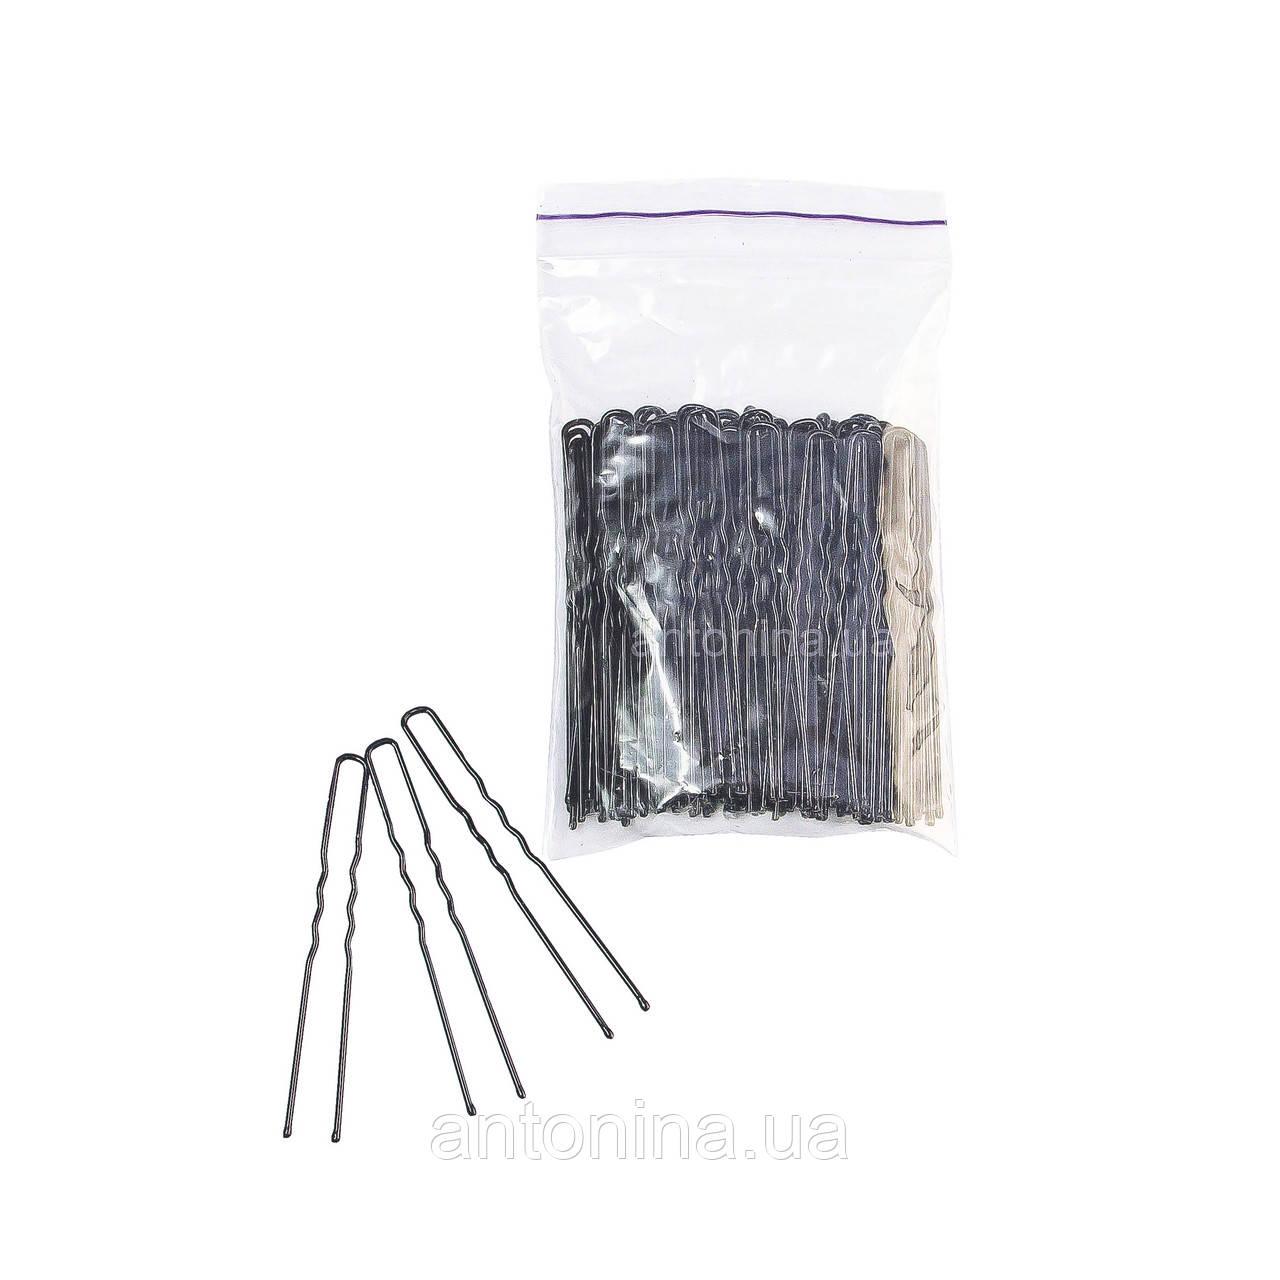 Шпильки для волос, 100 шт / уп